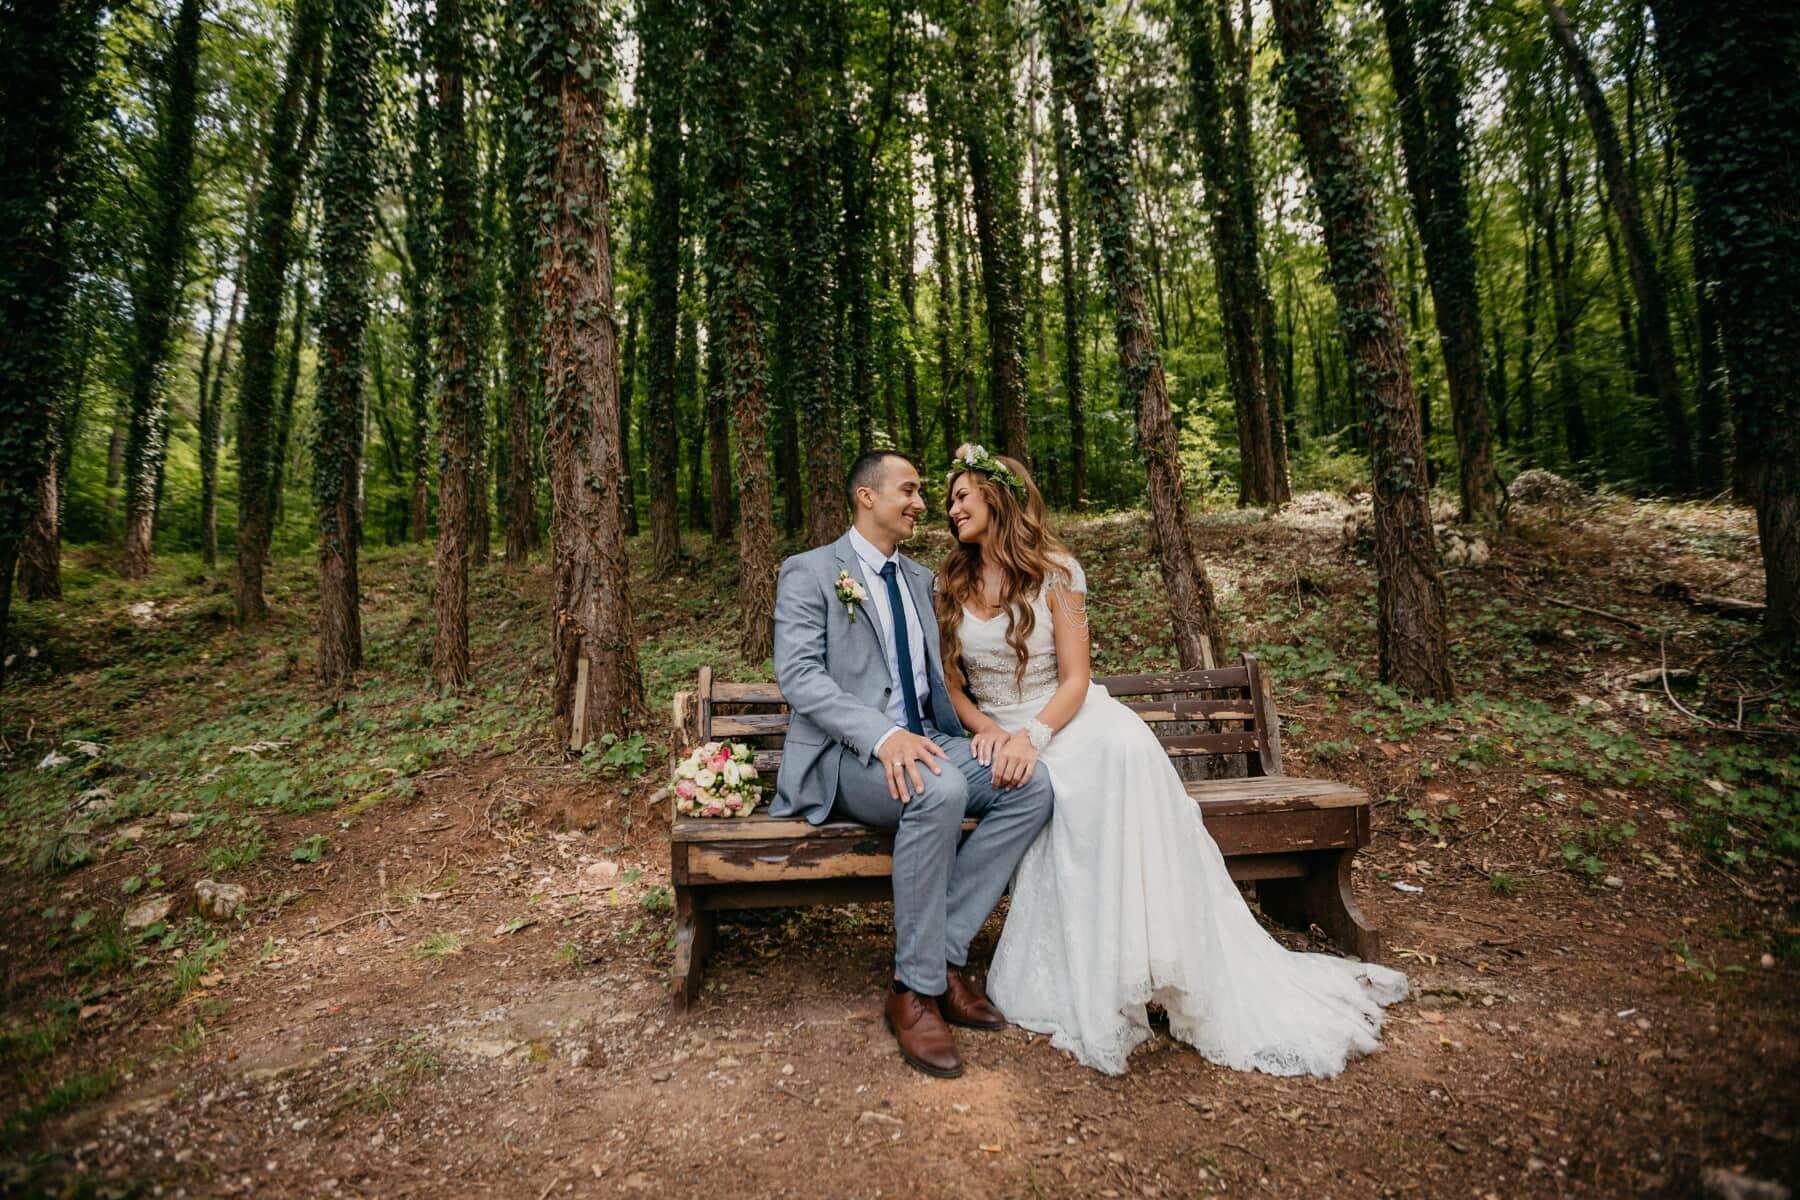 sulhanen, morsian, metsä, metsän polkua, penkki, istuu, Tyttö, pari, puu, puu